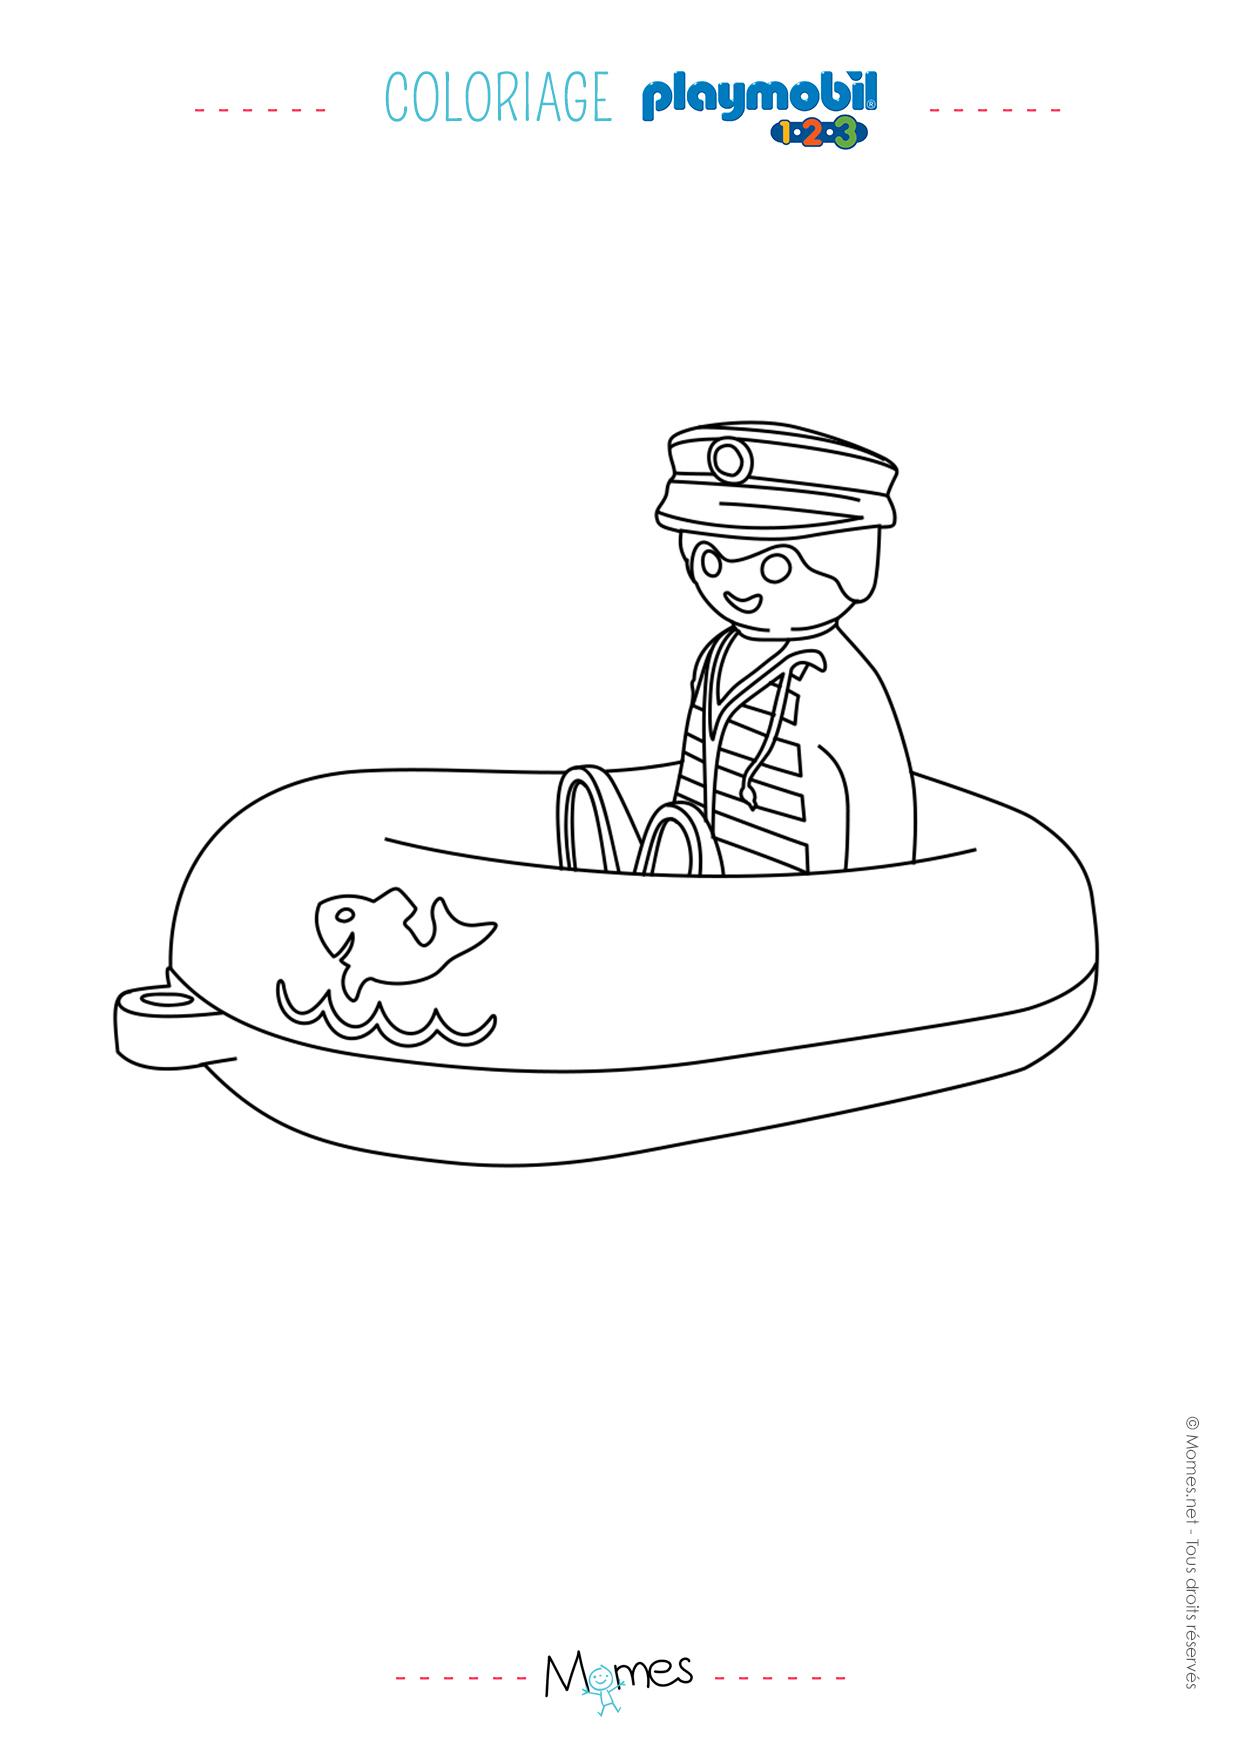 Coloriage le bateau et son capitaine playmobil 123 - Coloriage colorier ...